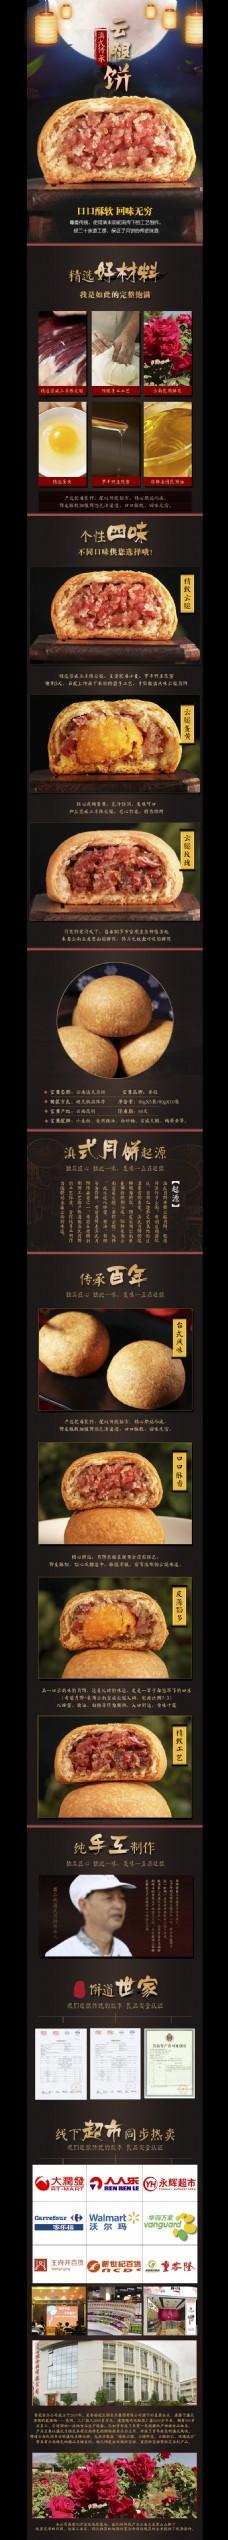 月饼 滇式月饼 食品详情页 中秋节详情页